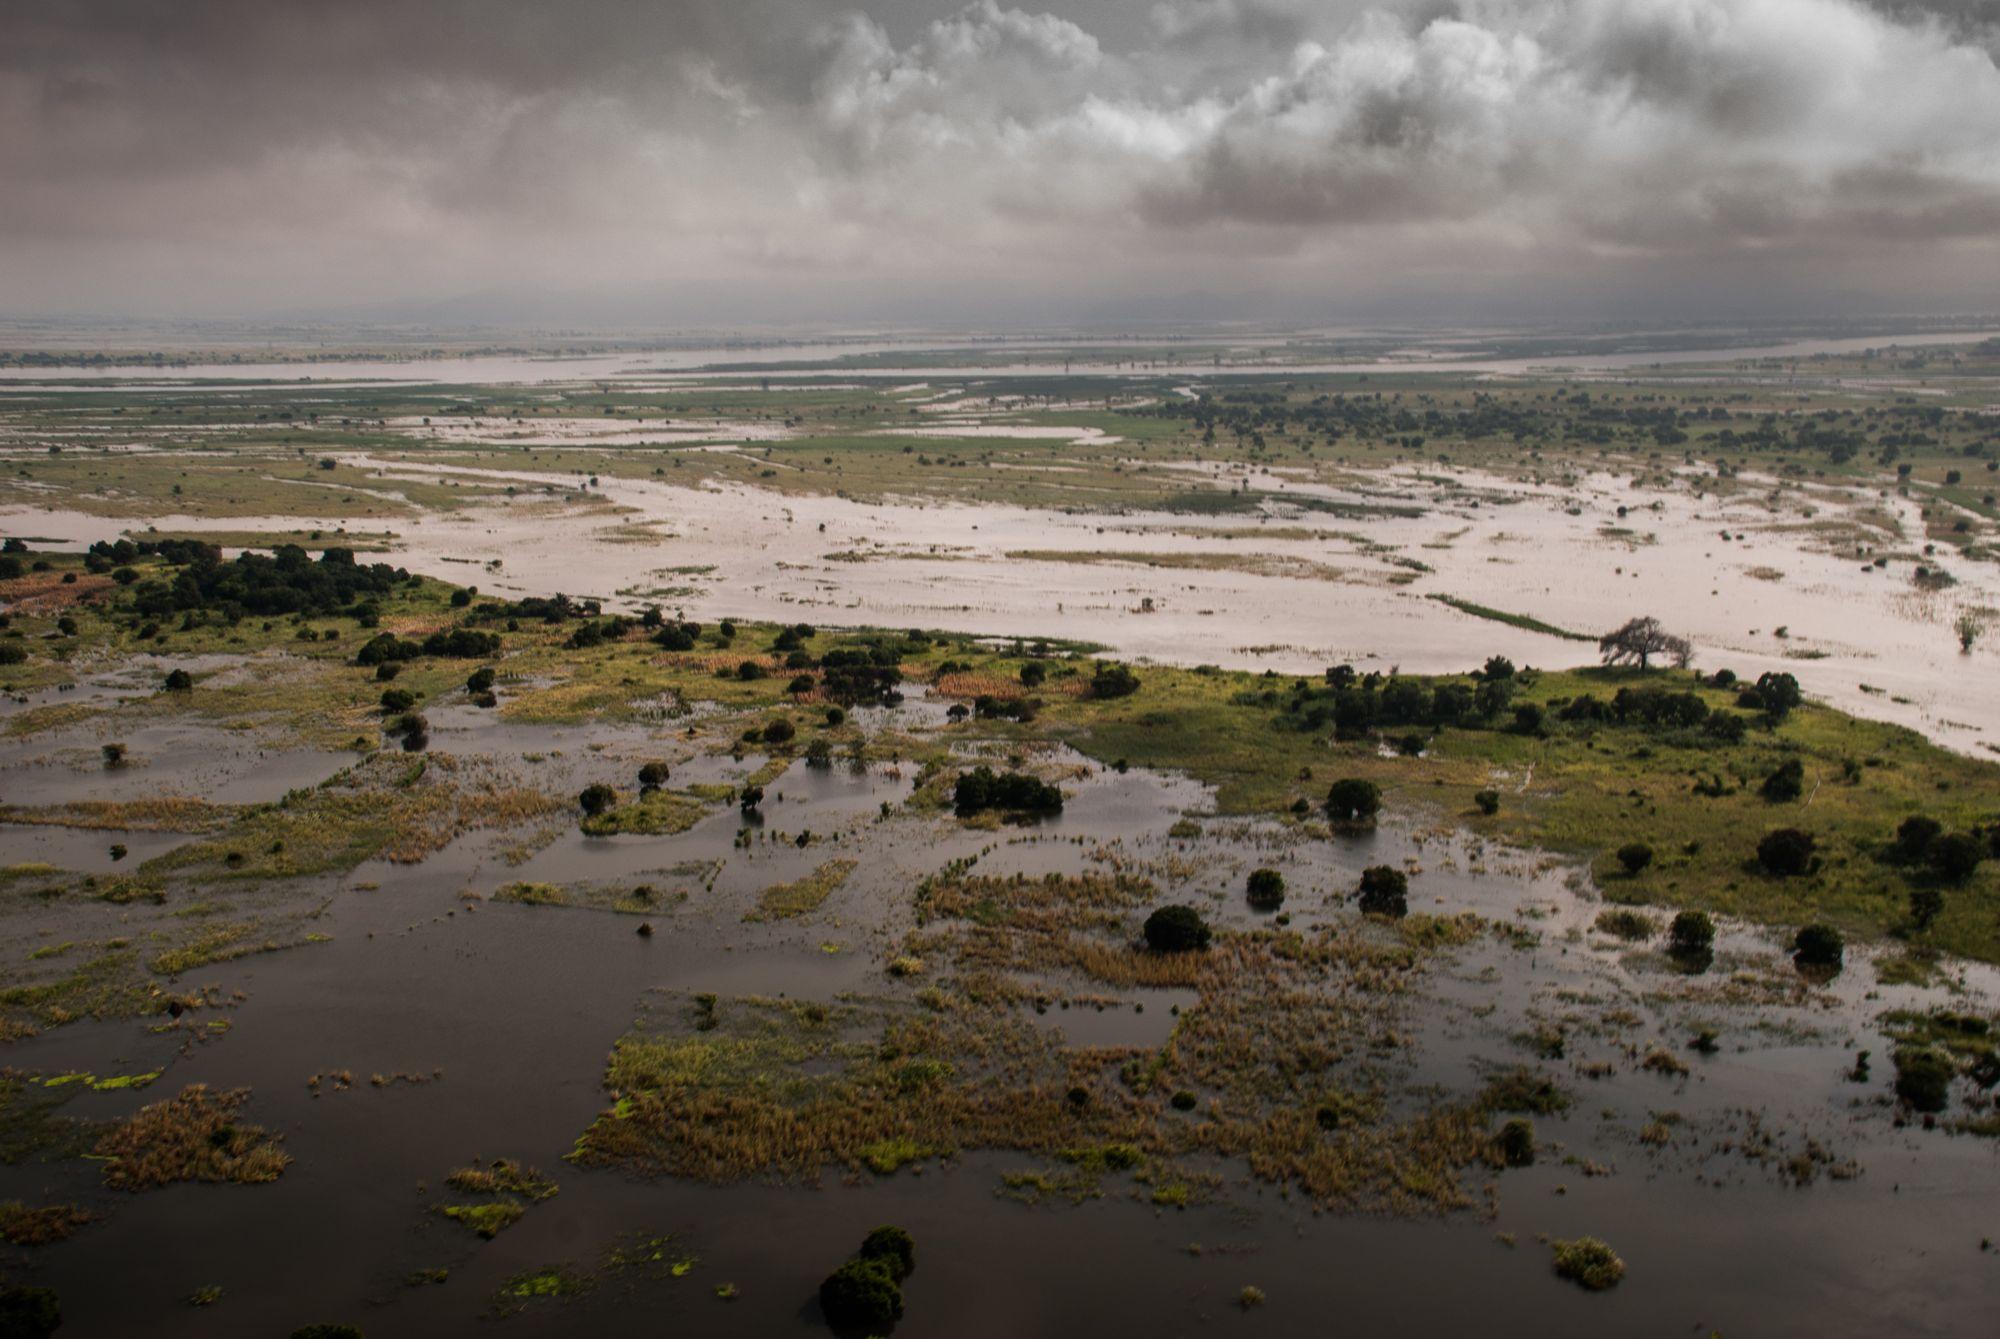 Den store mektige Zambezielven gikk langt over sine bredder da de åpnet slusene i en av verdens største dammer Cahora Bassa, lenger opp i dalen. En klimarelatert og menneskeskapt katastrofe som gjorde at elven flommet over på veldig kort tid og de som bodde langs breddene hadde kort tid på å komme seg i sikkerhet.